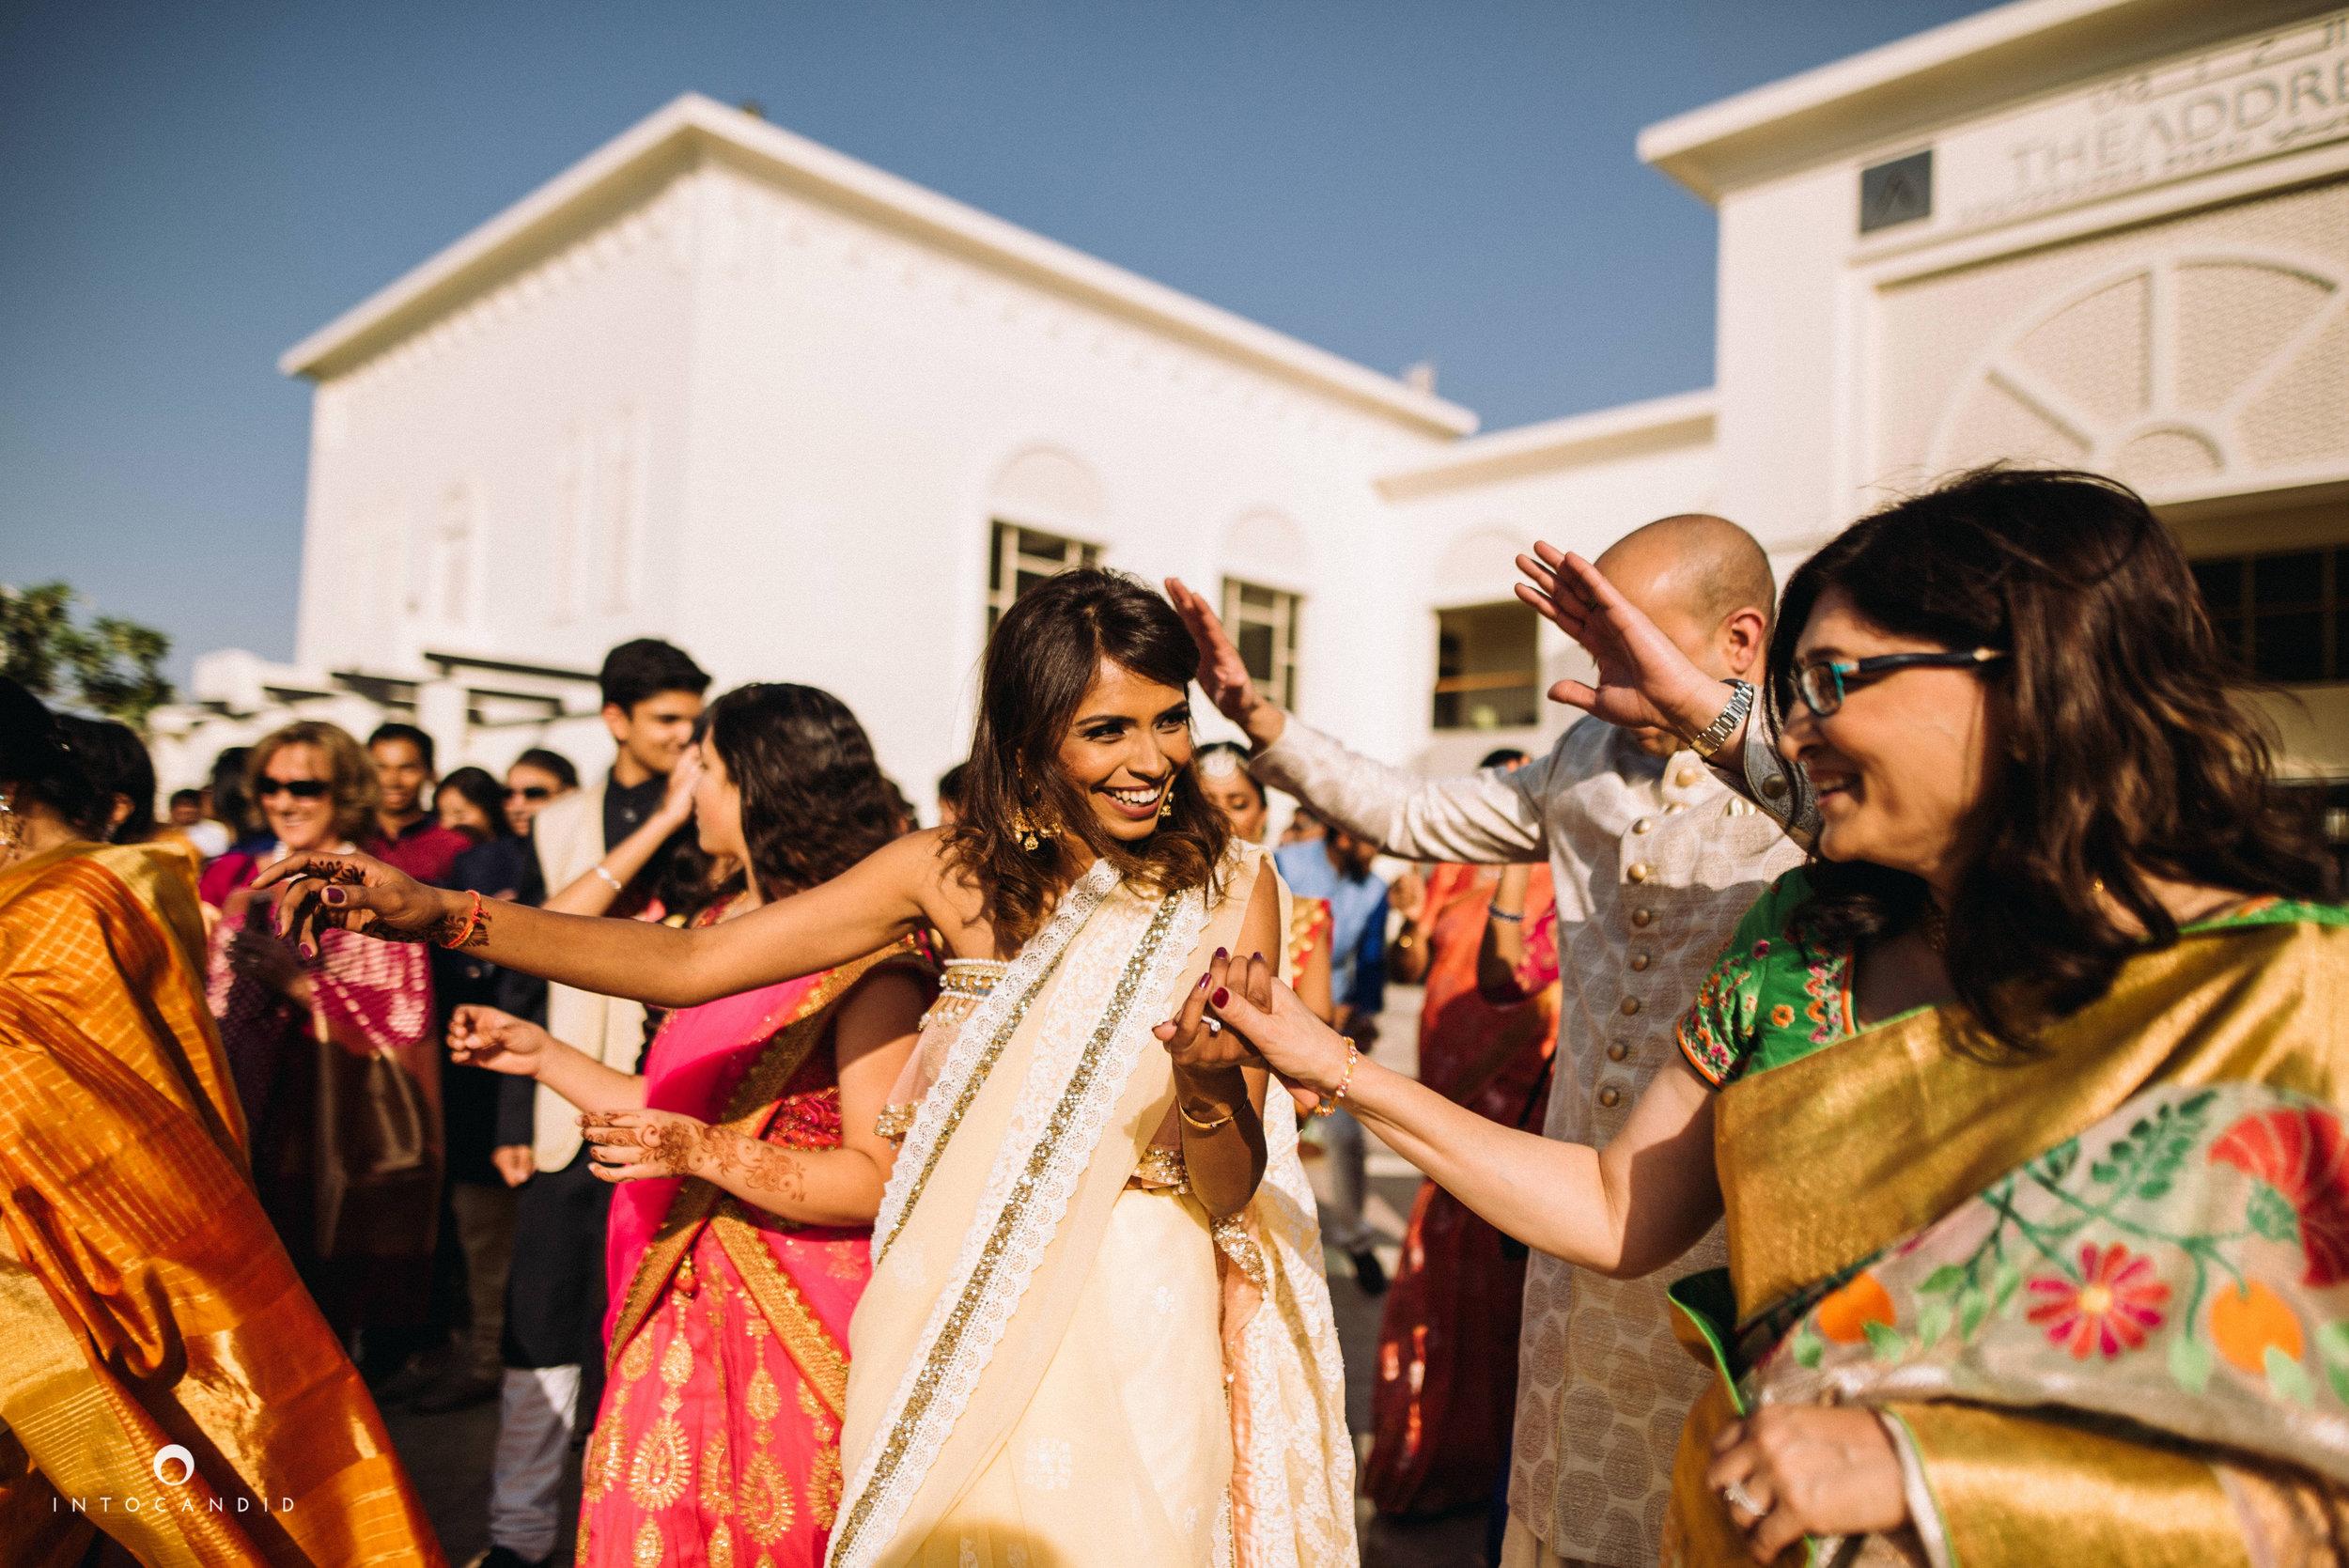 Dubai_Wedding_Photographer_16.JPG